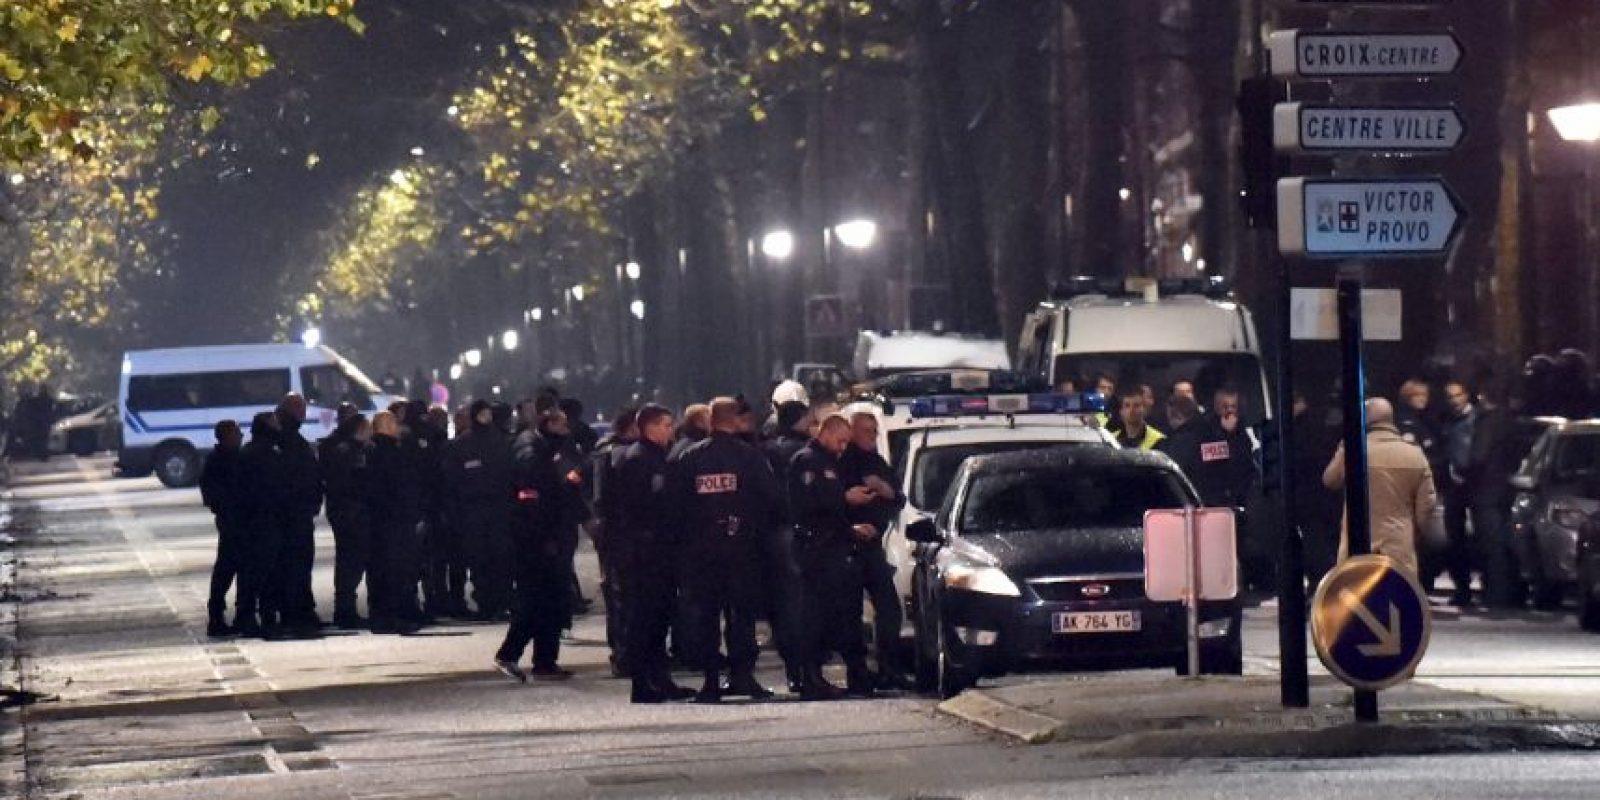 Equipos especiales se presentaron en la escena del crimen Foto:AFP